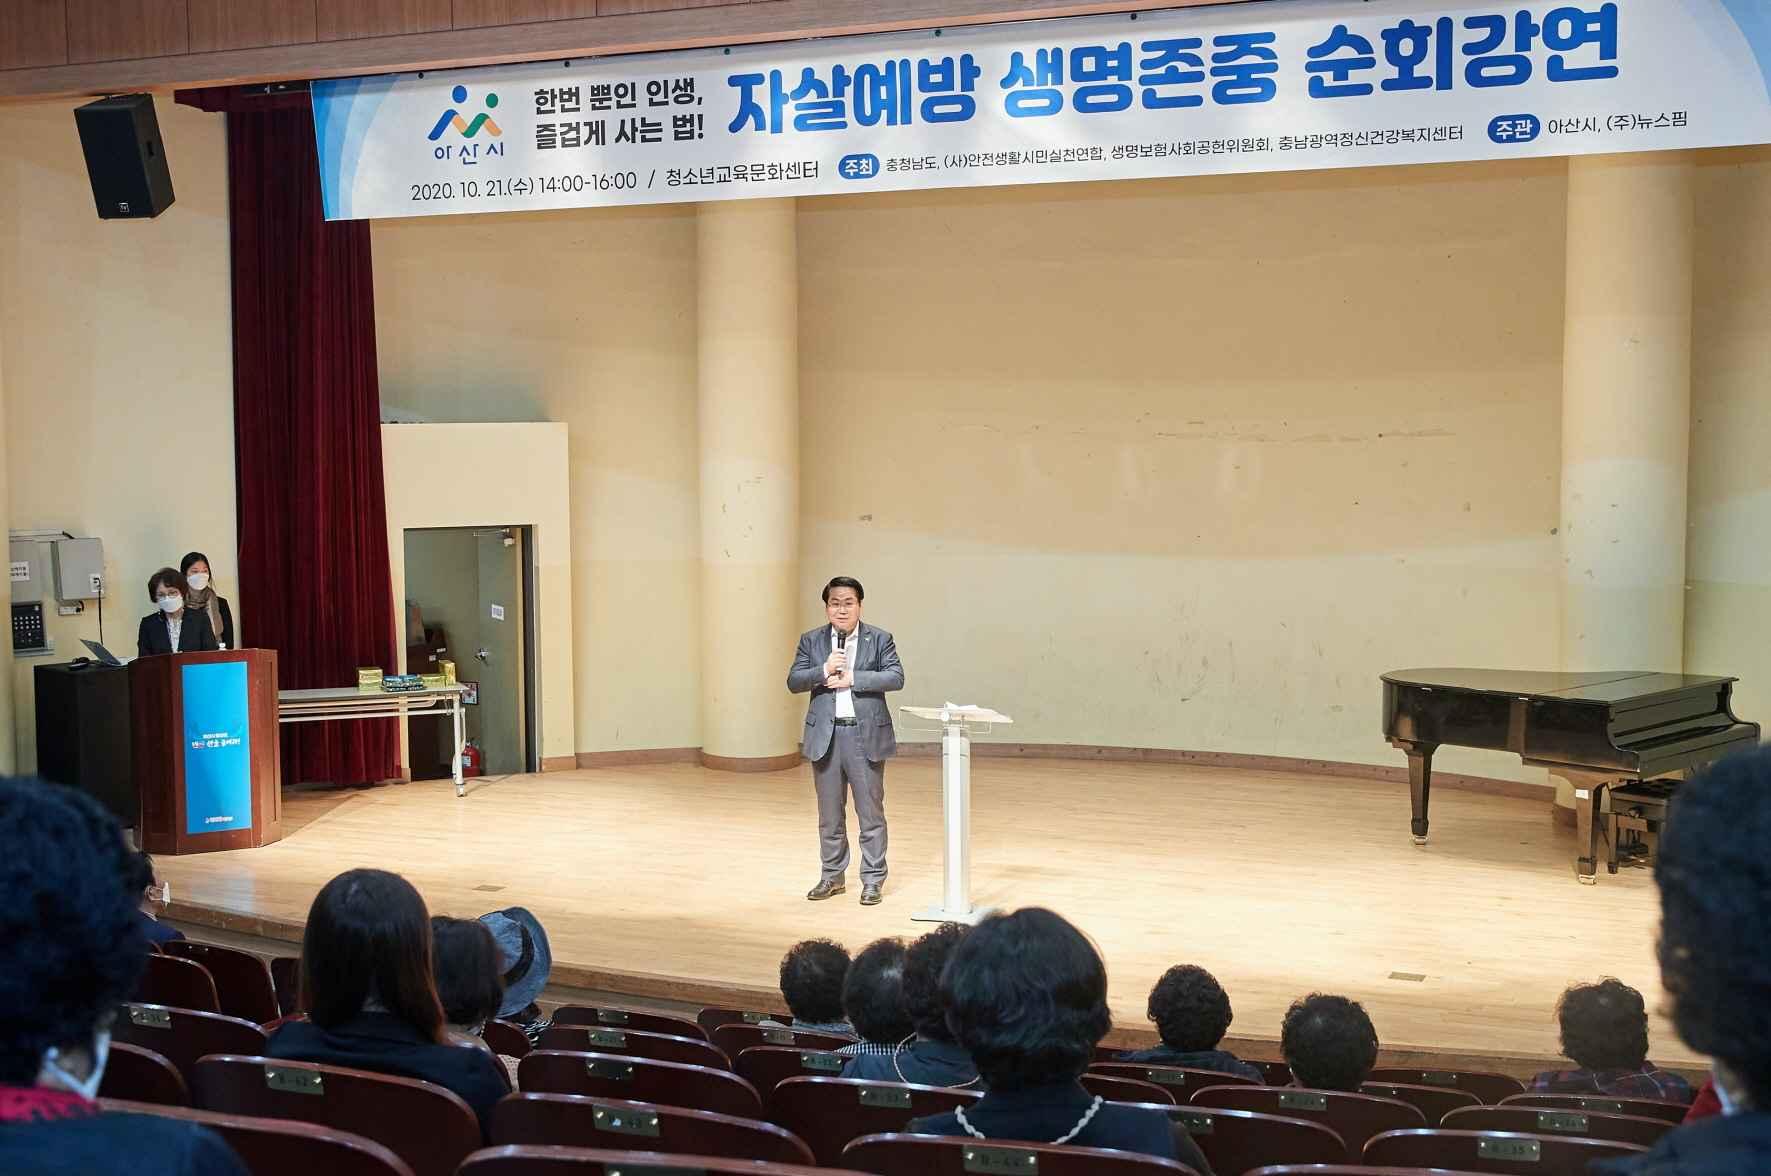 아산시, 자살예방 생명존중 순회강연 개최 관련사진